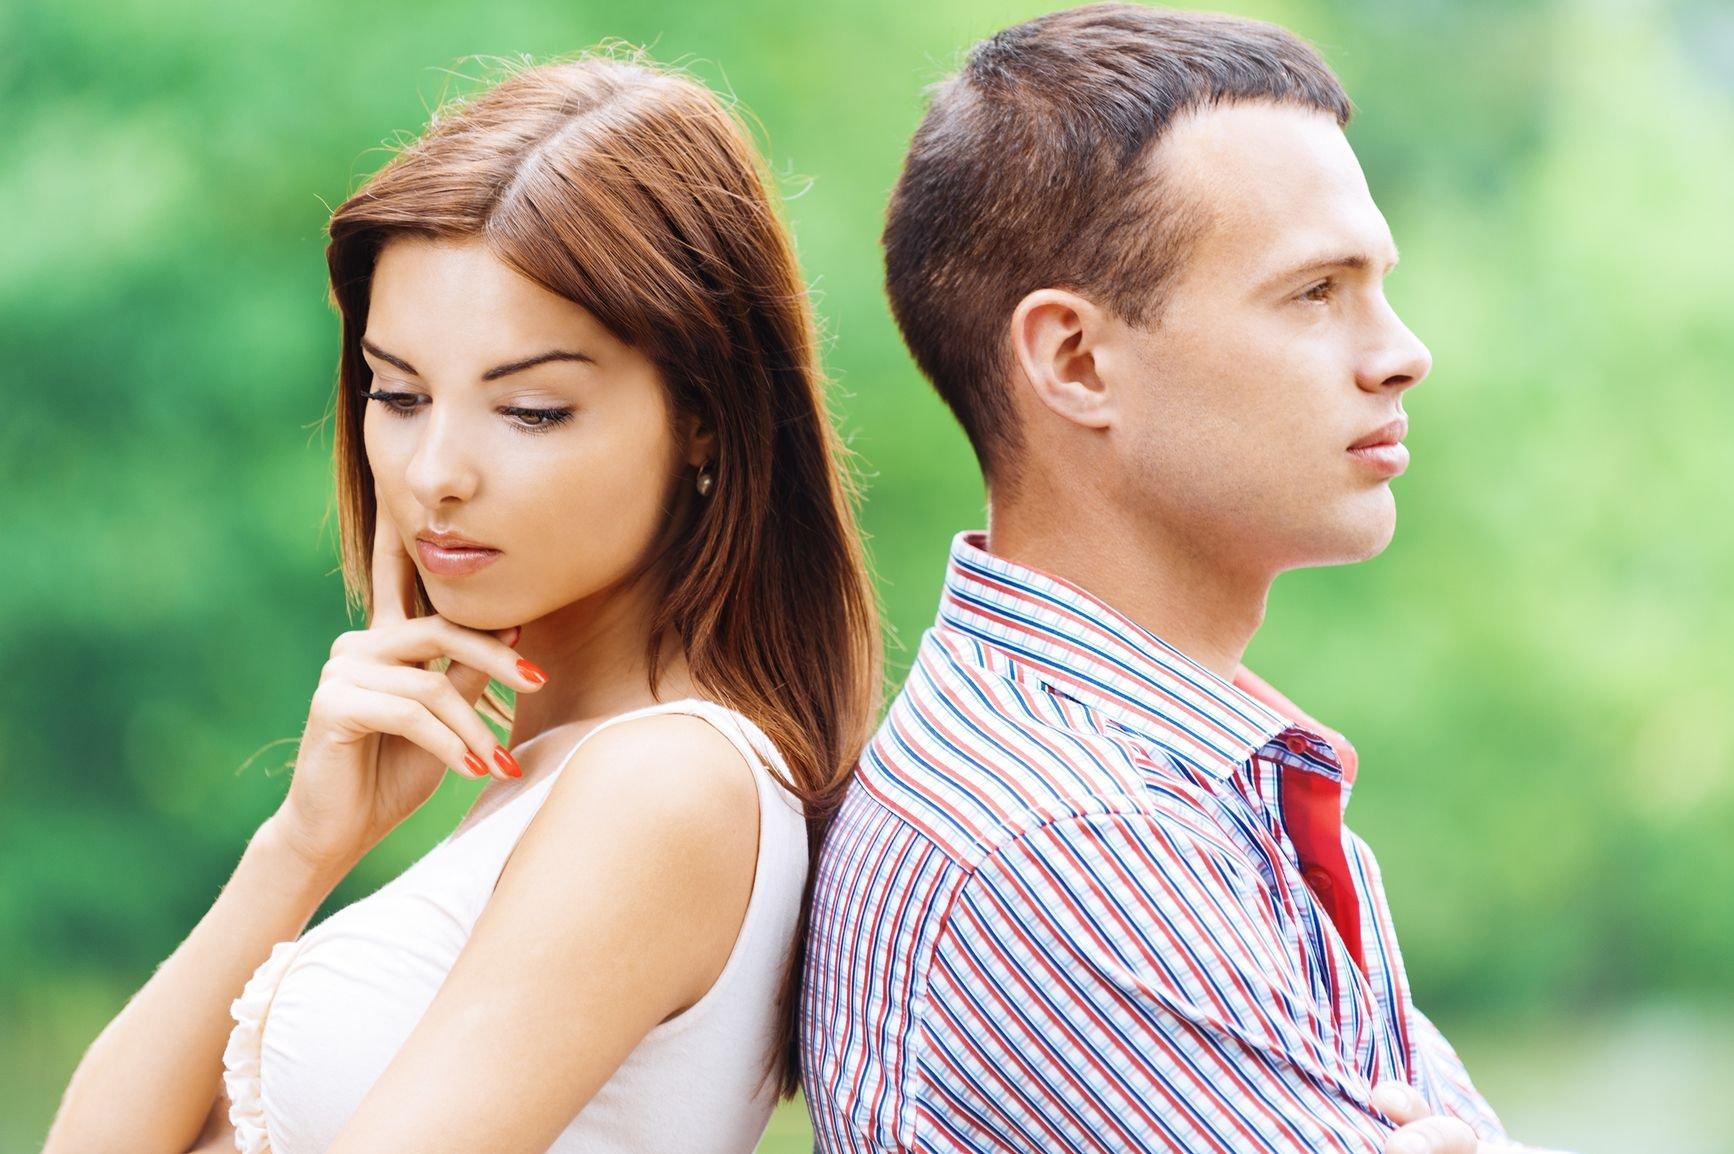 вернуть интерес мужа к семье